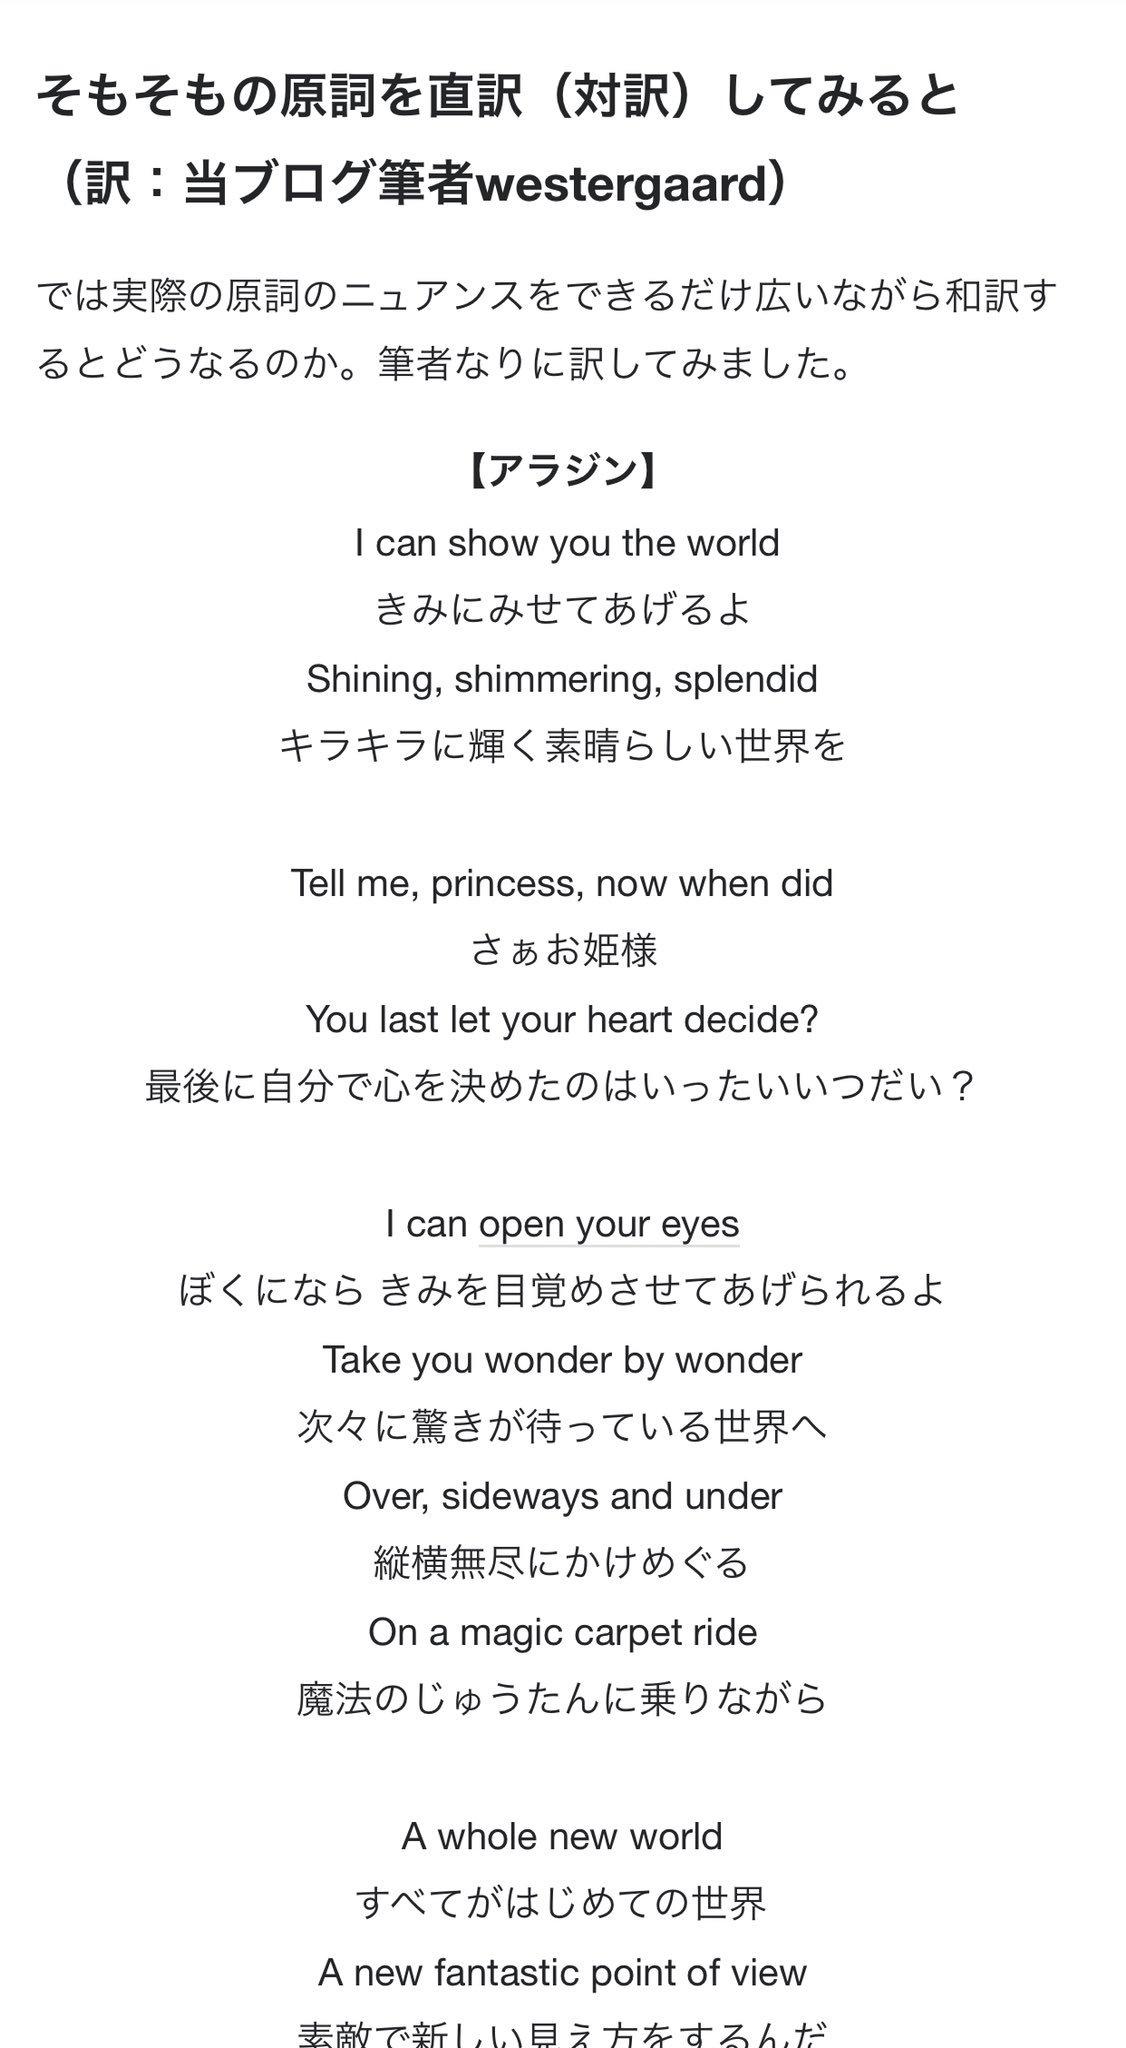 アホールニューワールド 日本語 歌詞